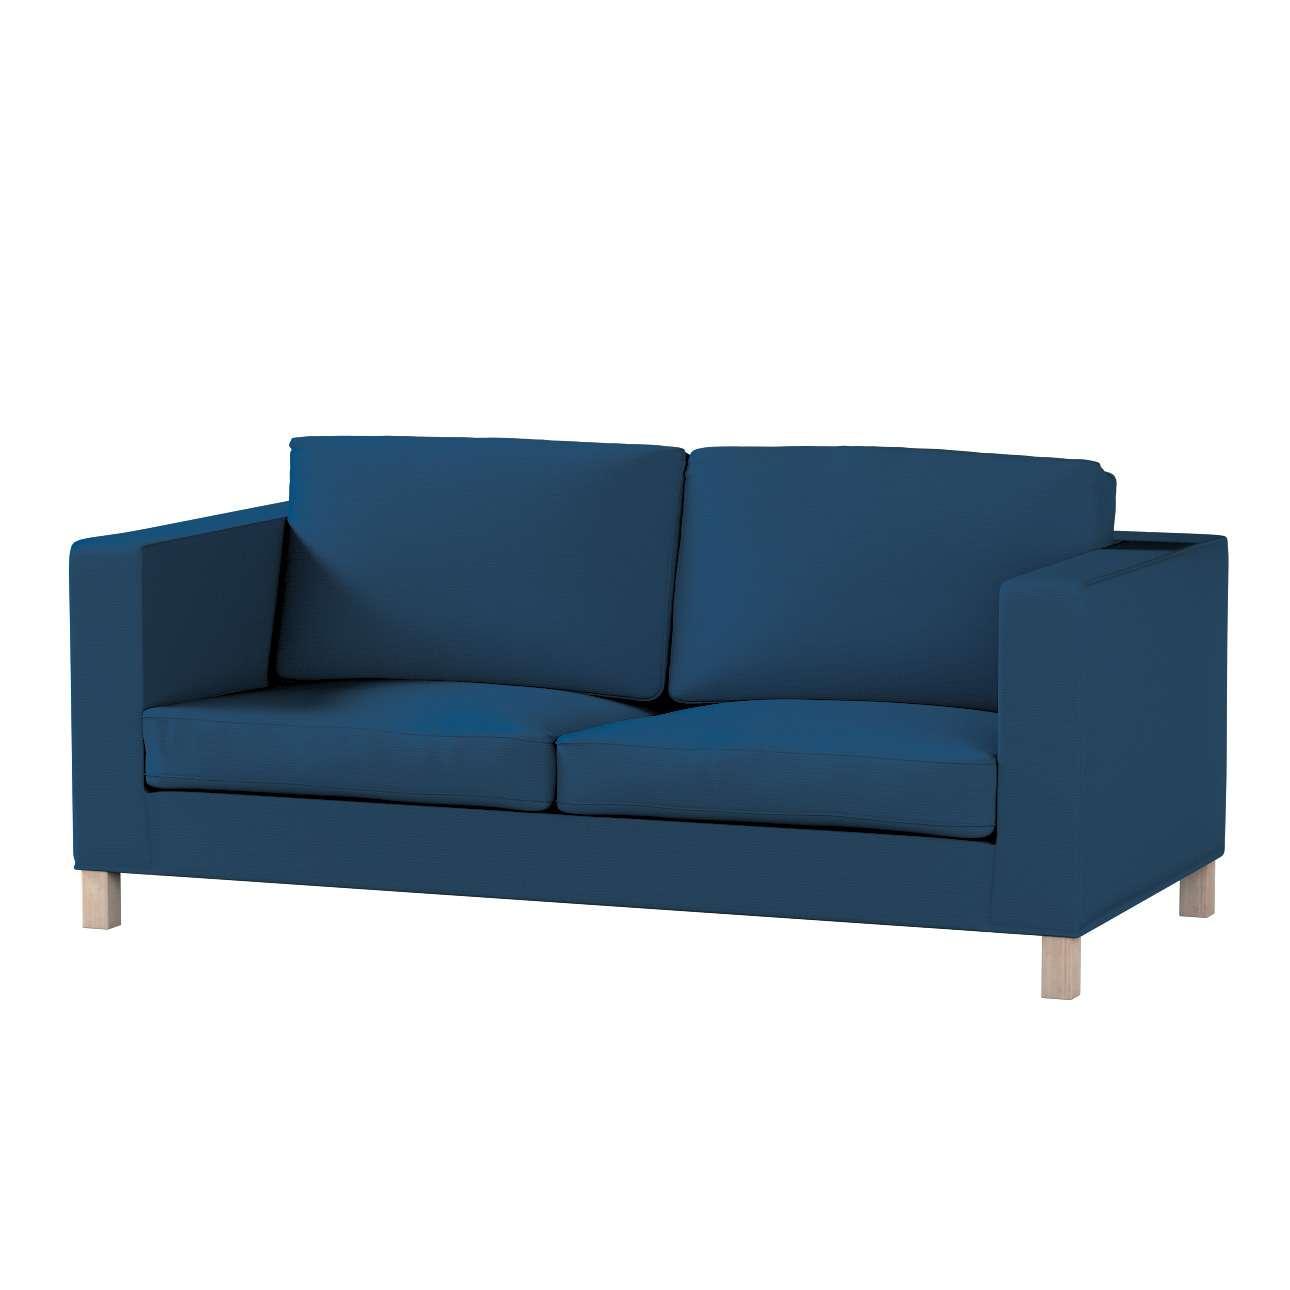 KARLANDA sofos lovos užvalkalas KARLANDA sofos lovos užvalkalas kolekcijoje Cotton Panama, audinys: 702-30